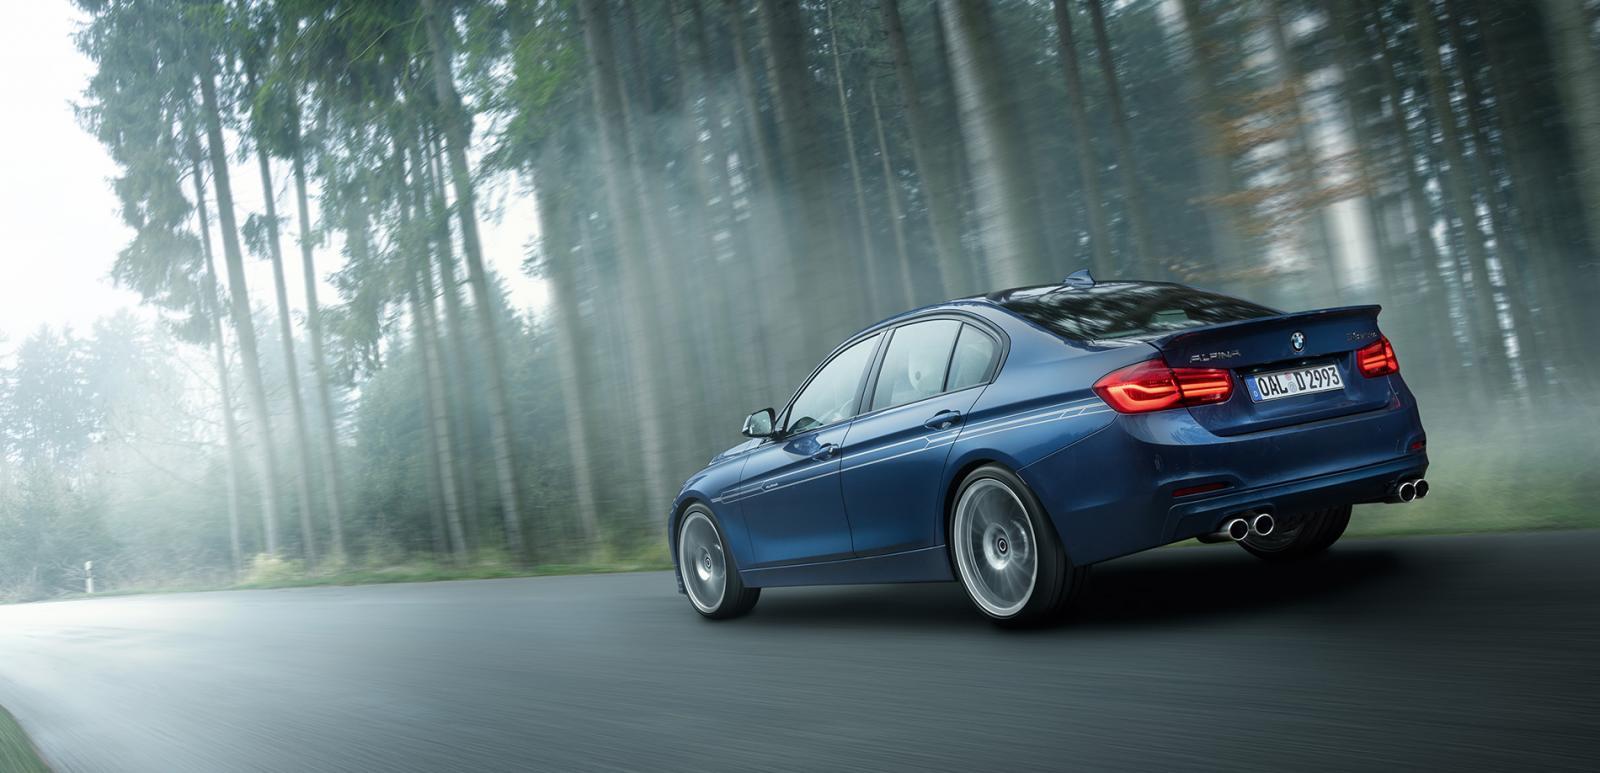 Alpina advierte que los límites de velocidad afectan directamente a los fabricantes de autos con altas prestaciones